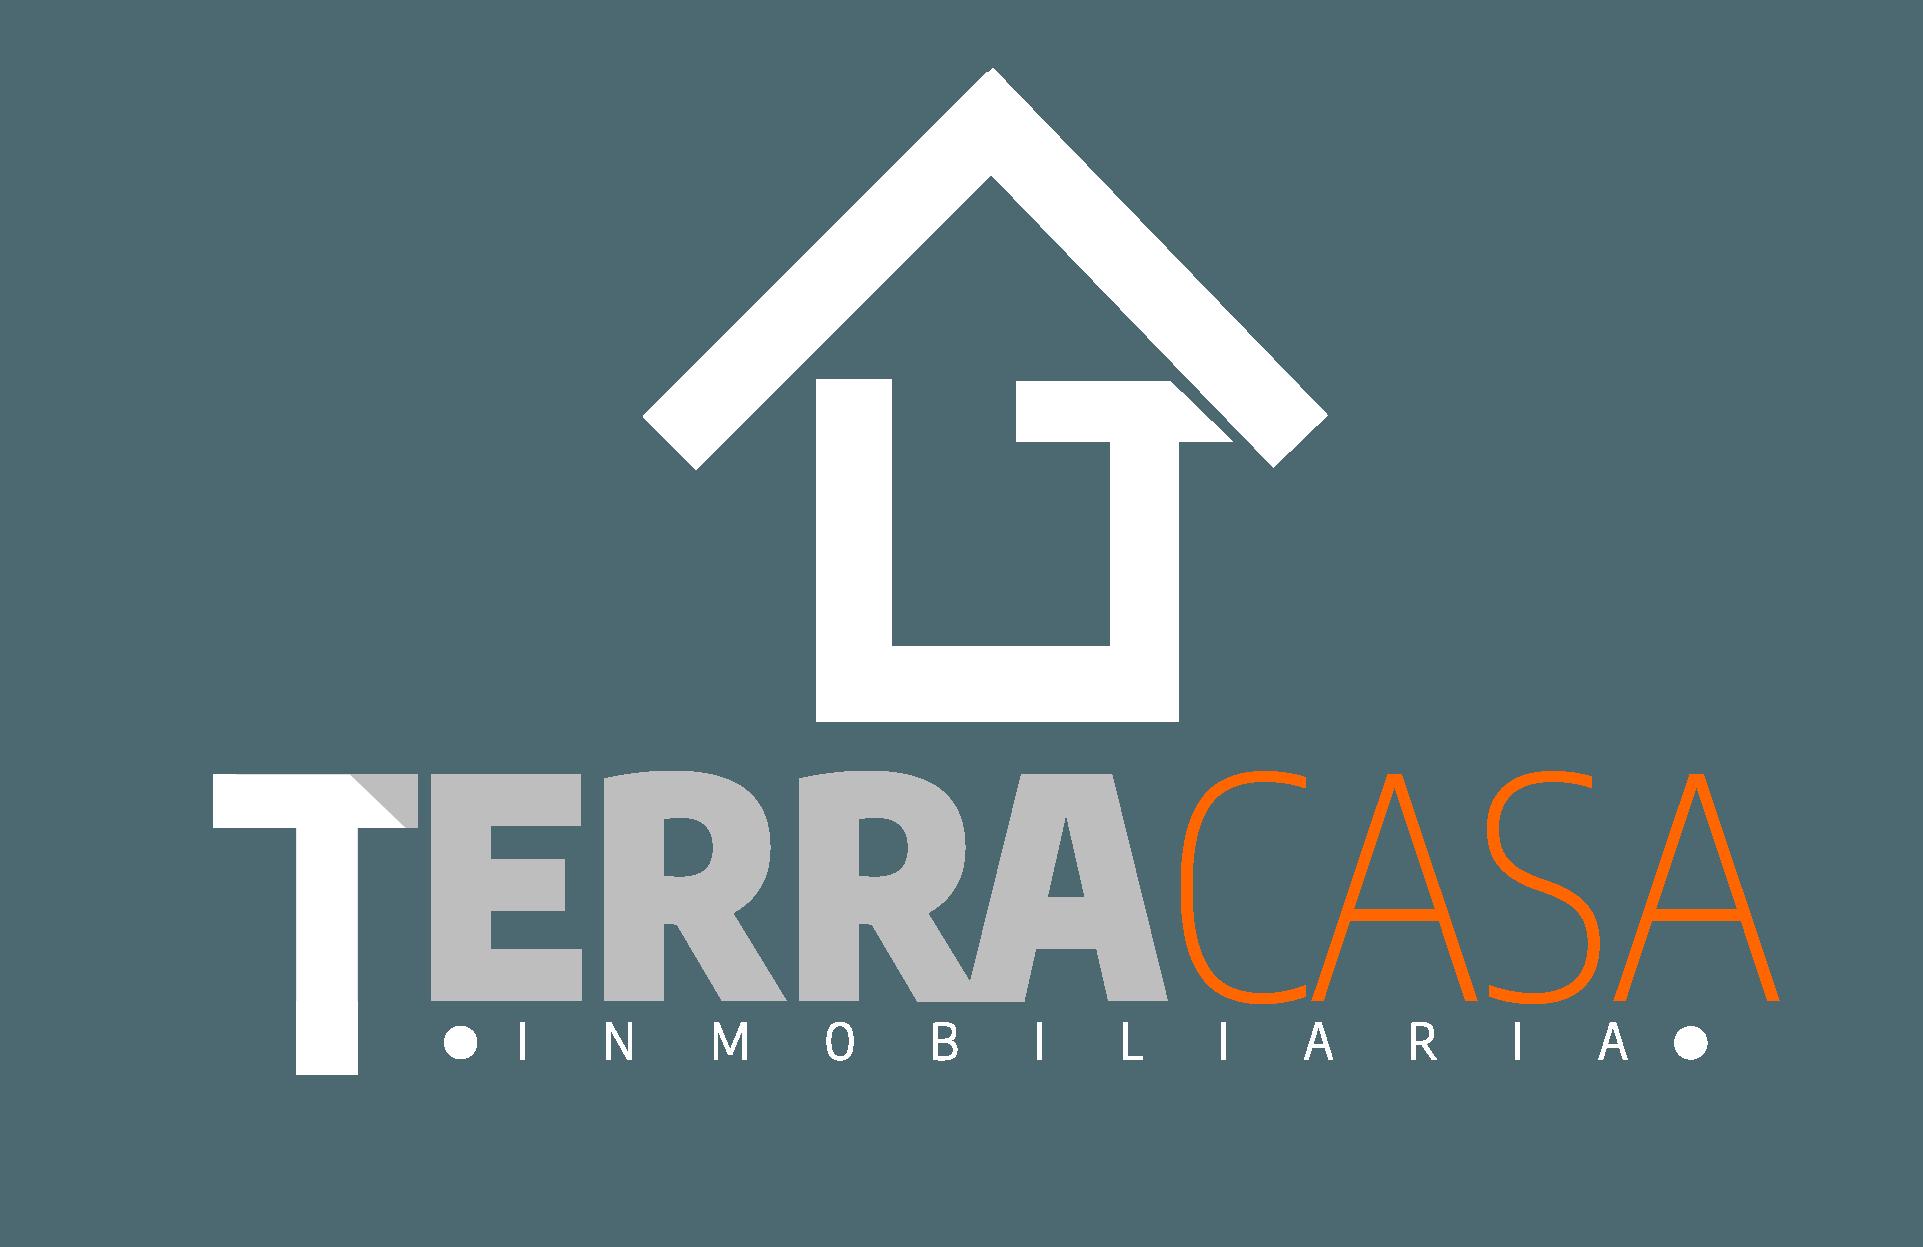 Terracasa Inmobiliaria